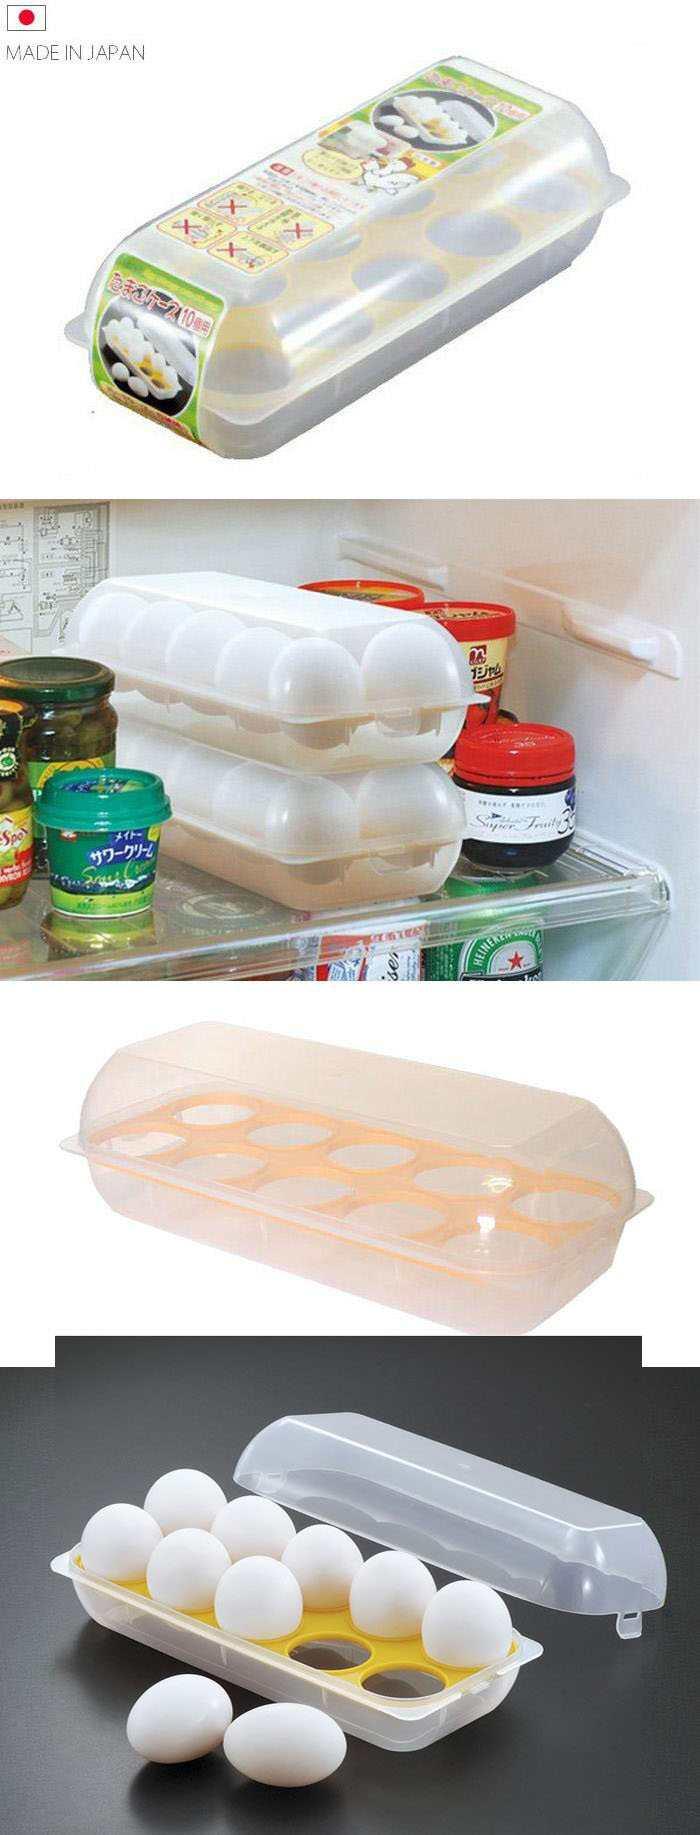 Hộp bảo quản trứng 10 ngăn có nắp D-5047 hàng Nhật